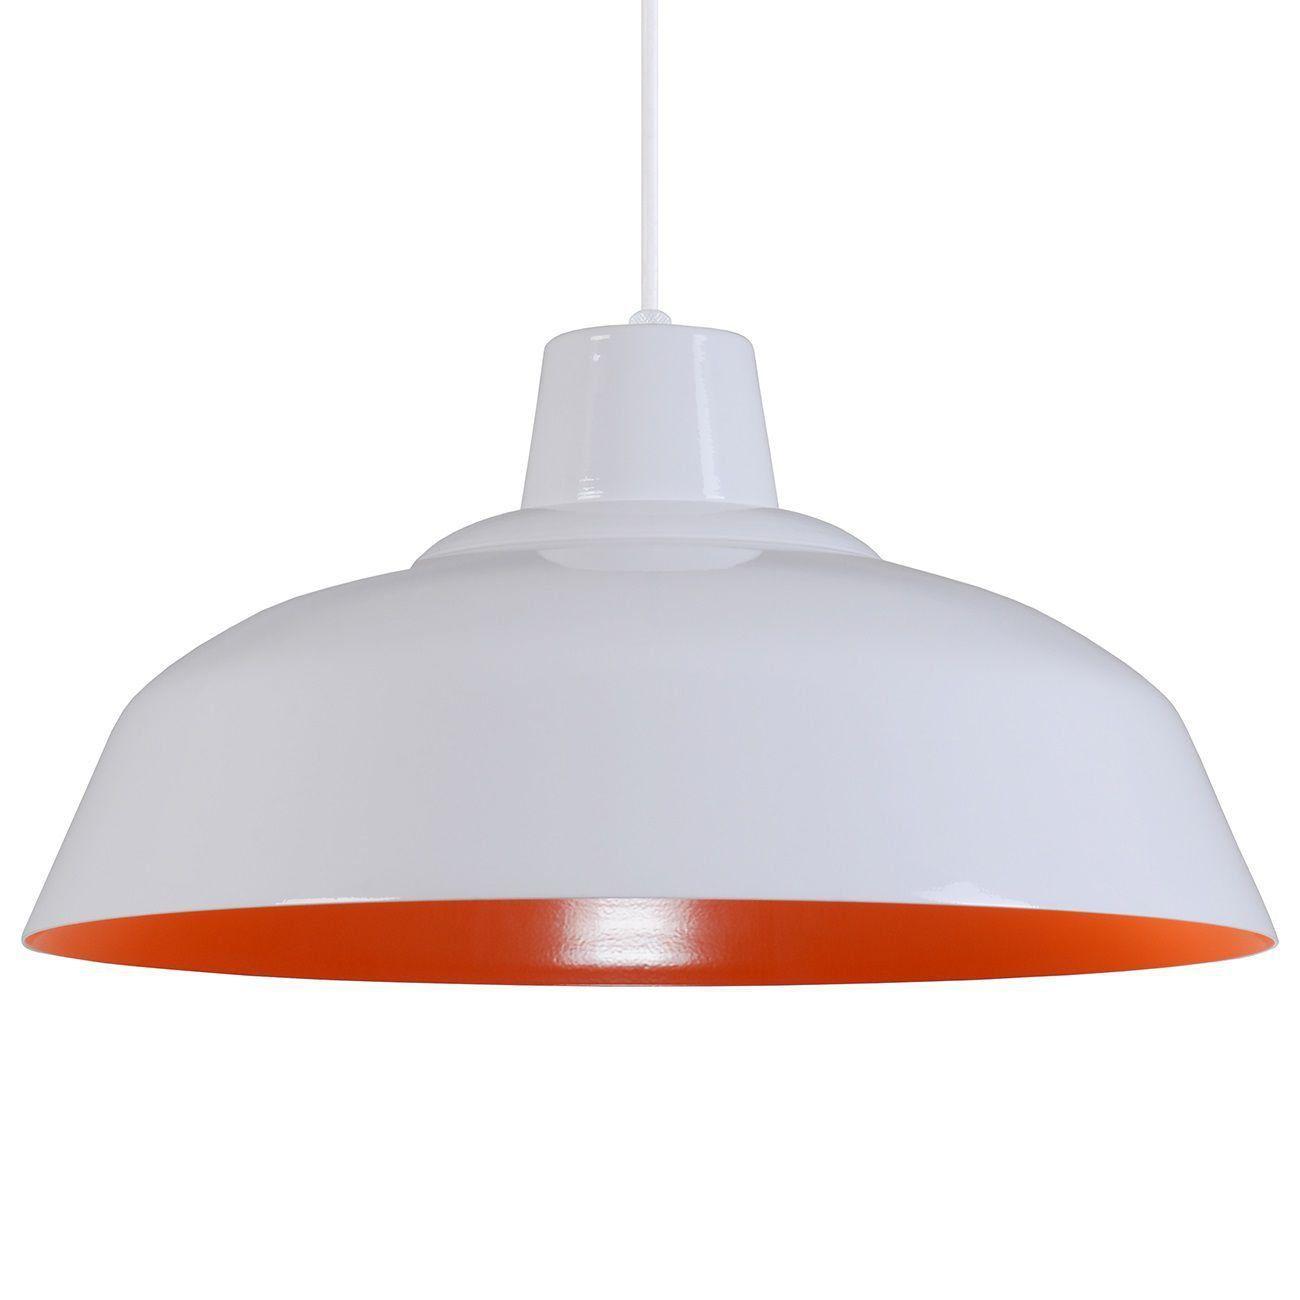 Pendente Retrô 34cm Luminária Lustre Alumínio Branco Brilhante C/ Laranja - Rei Da Iluminação